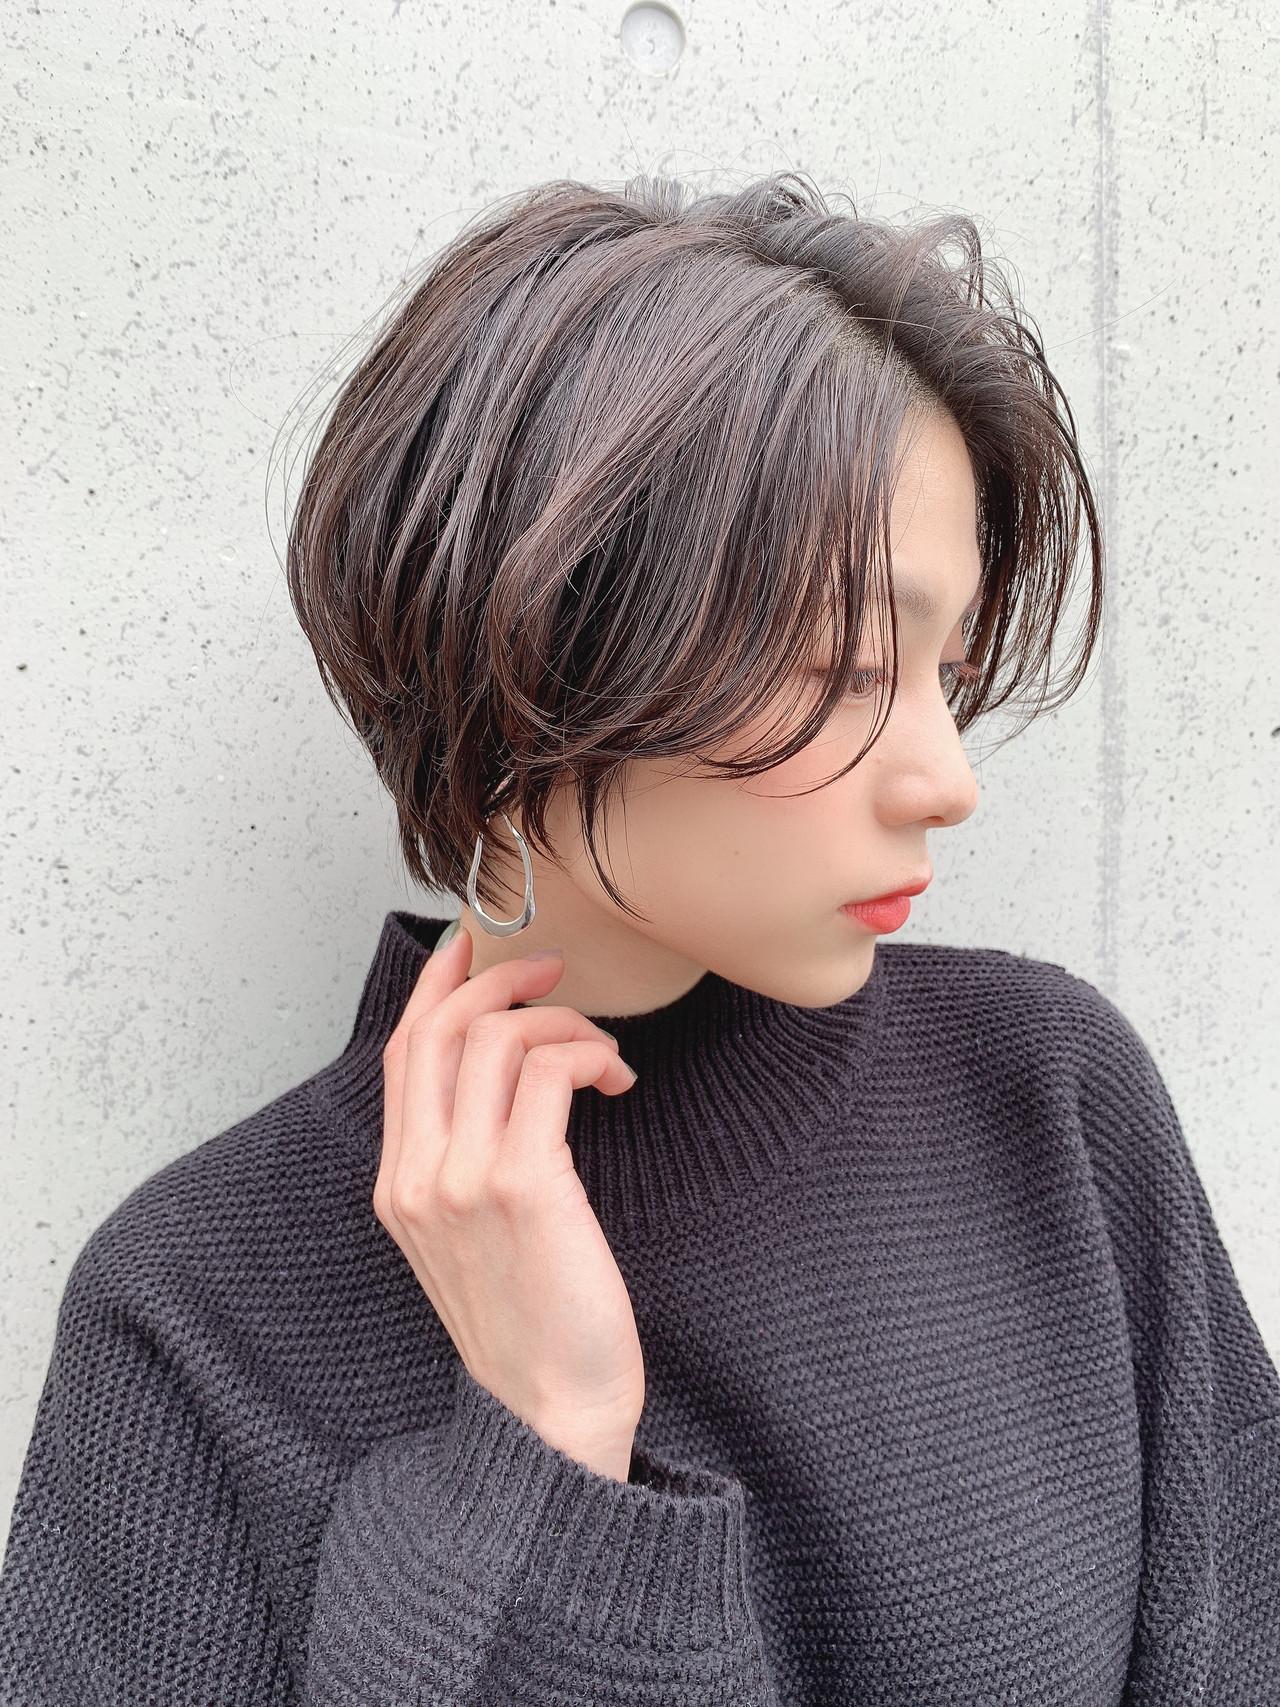 ショートヘア 大人可愛い ナチュラル 横顔美人 ヘアスタイルや髪型の写真・画像 | 山口 健太 / Lond ange